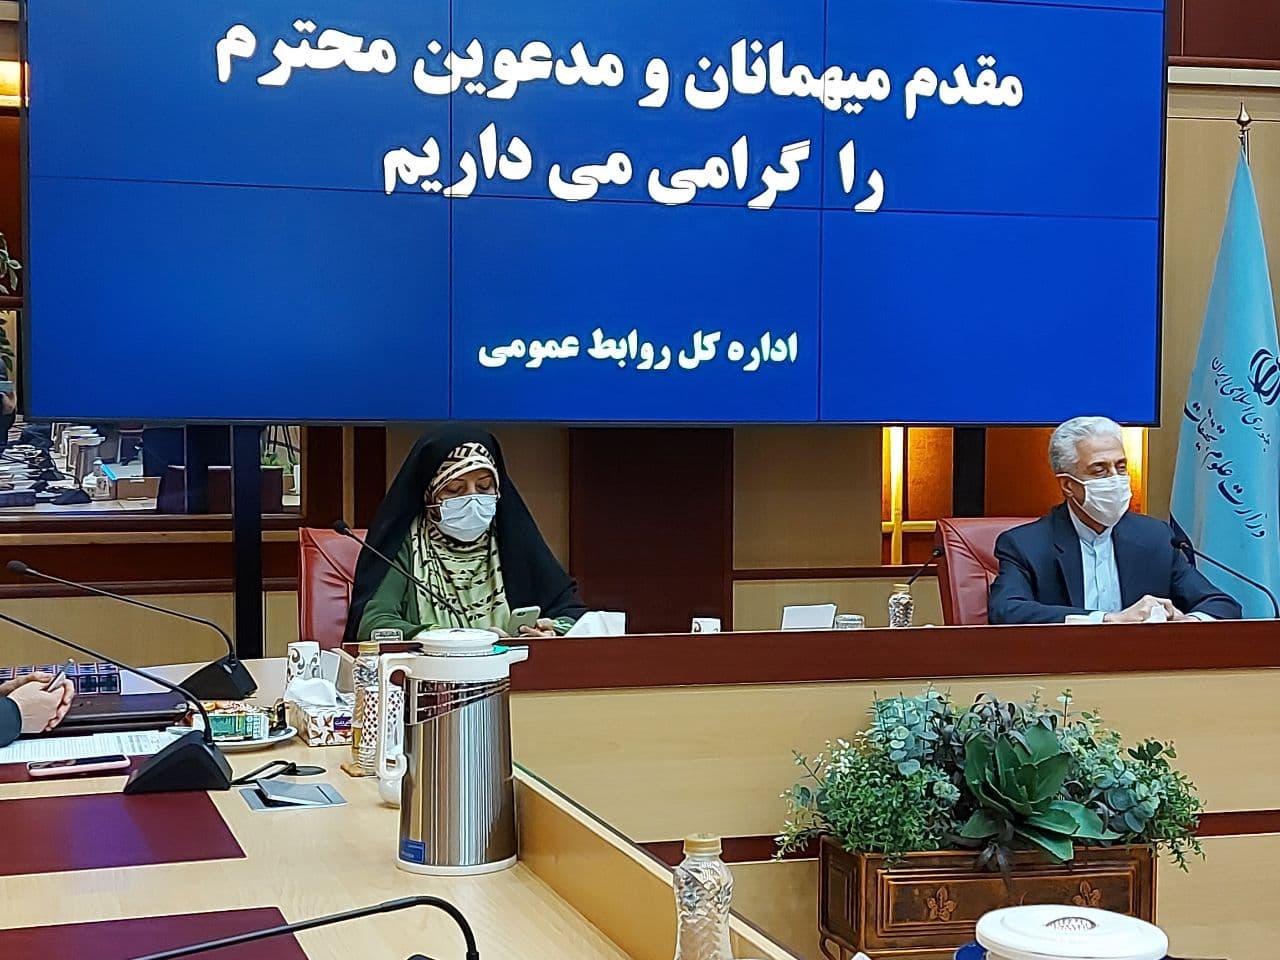 امضای تفاهم نامه وزیر علوم با معاون امور زنان رئیس جمهور